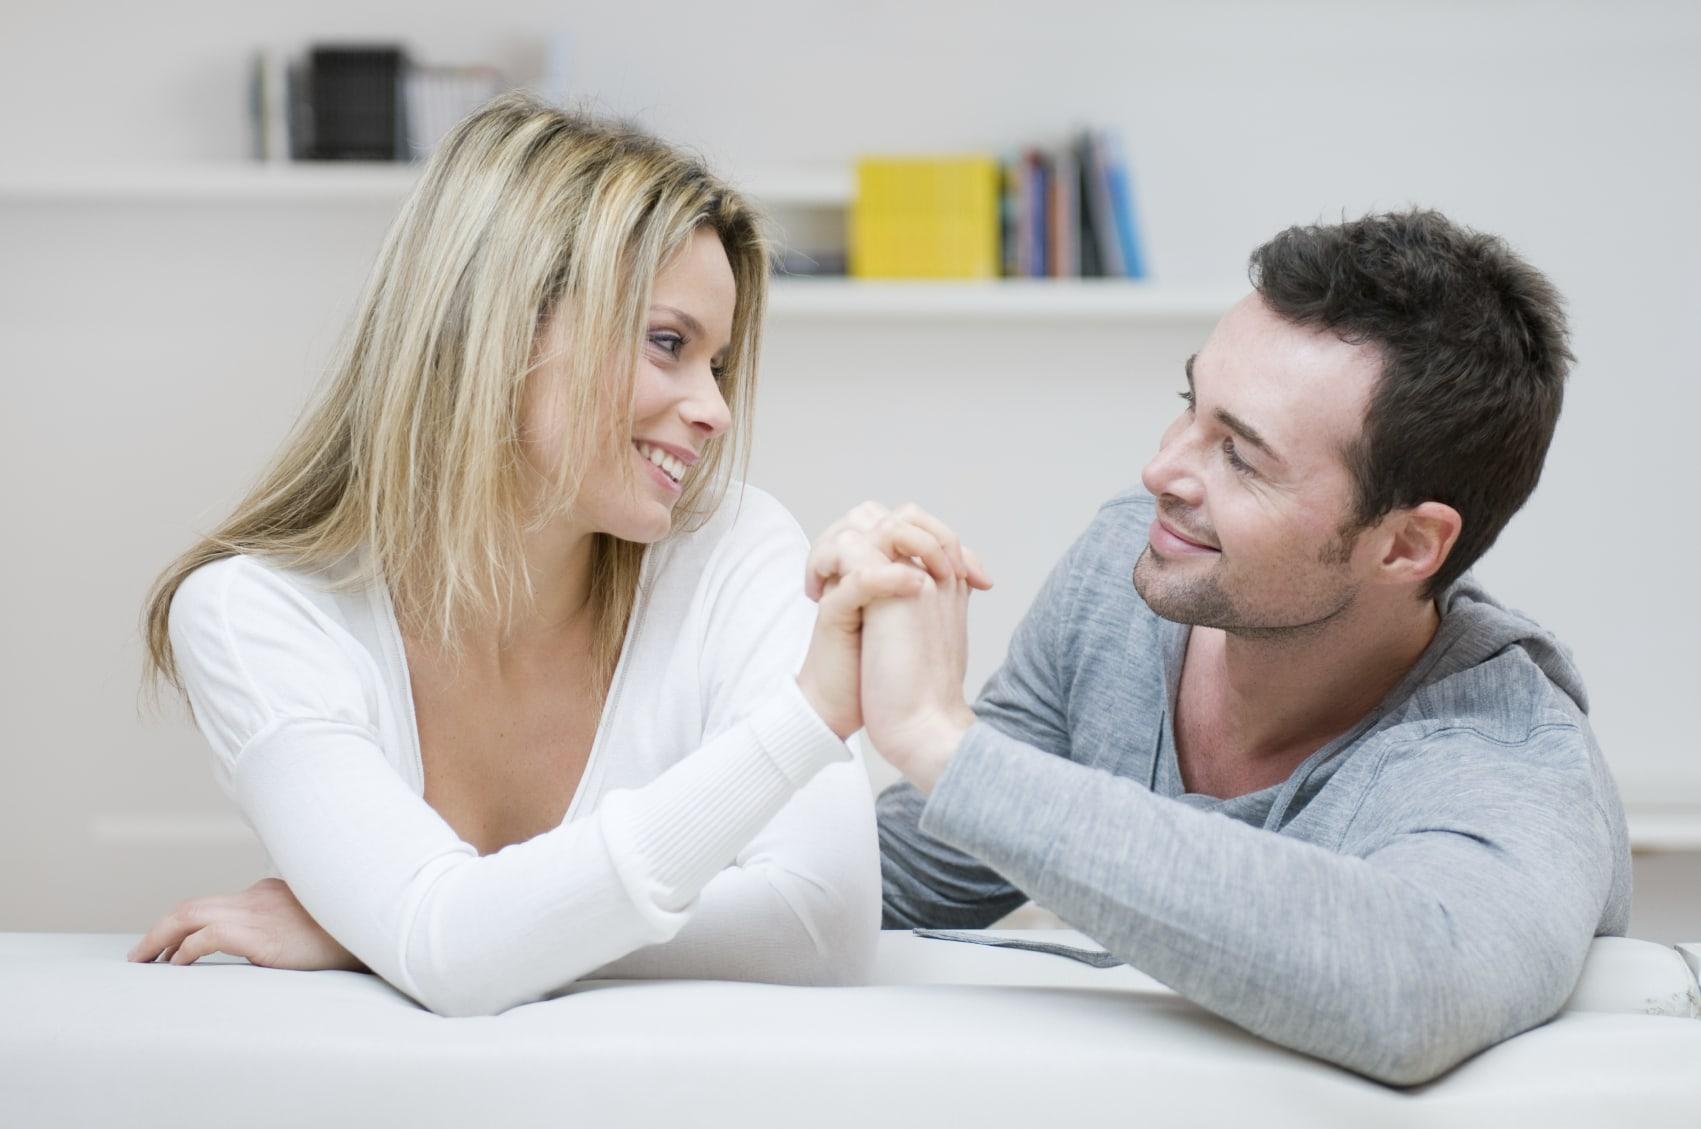 партнерство в отношениях мужчины и женщины